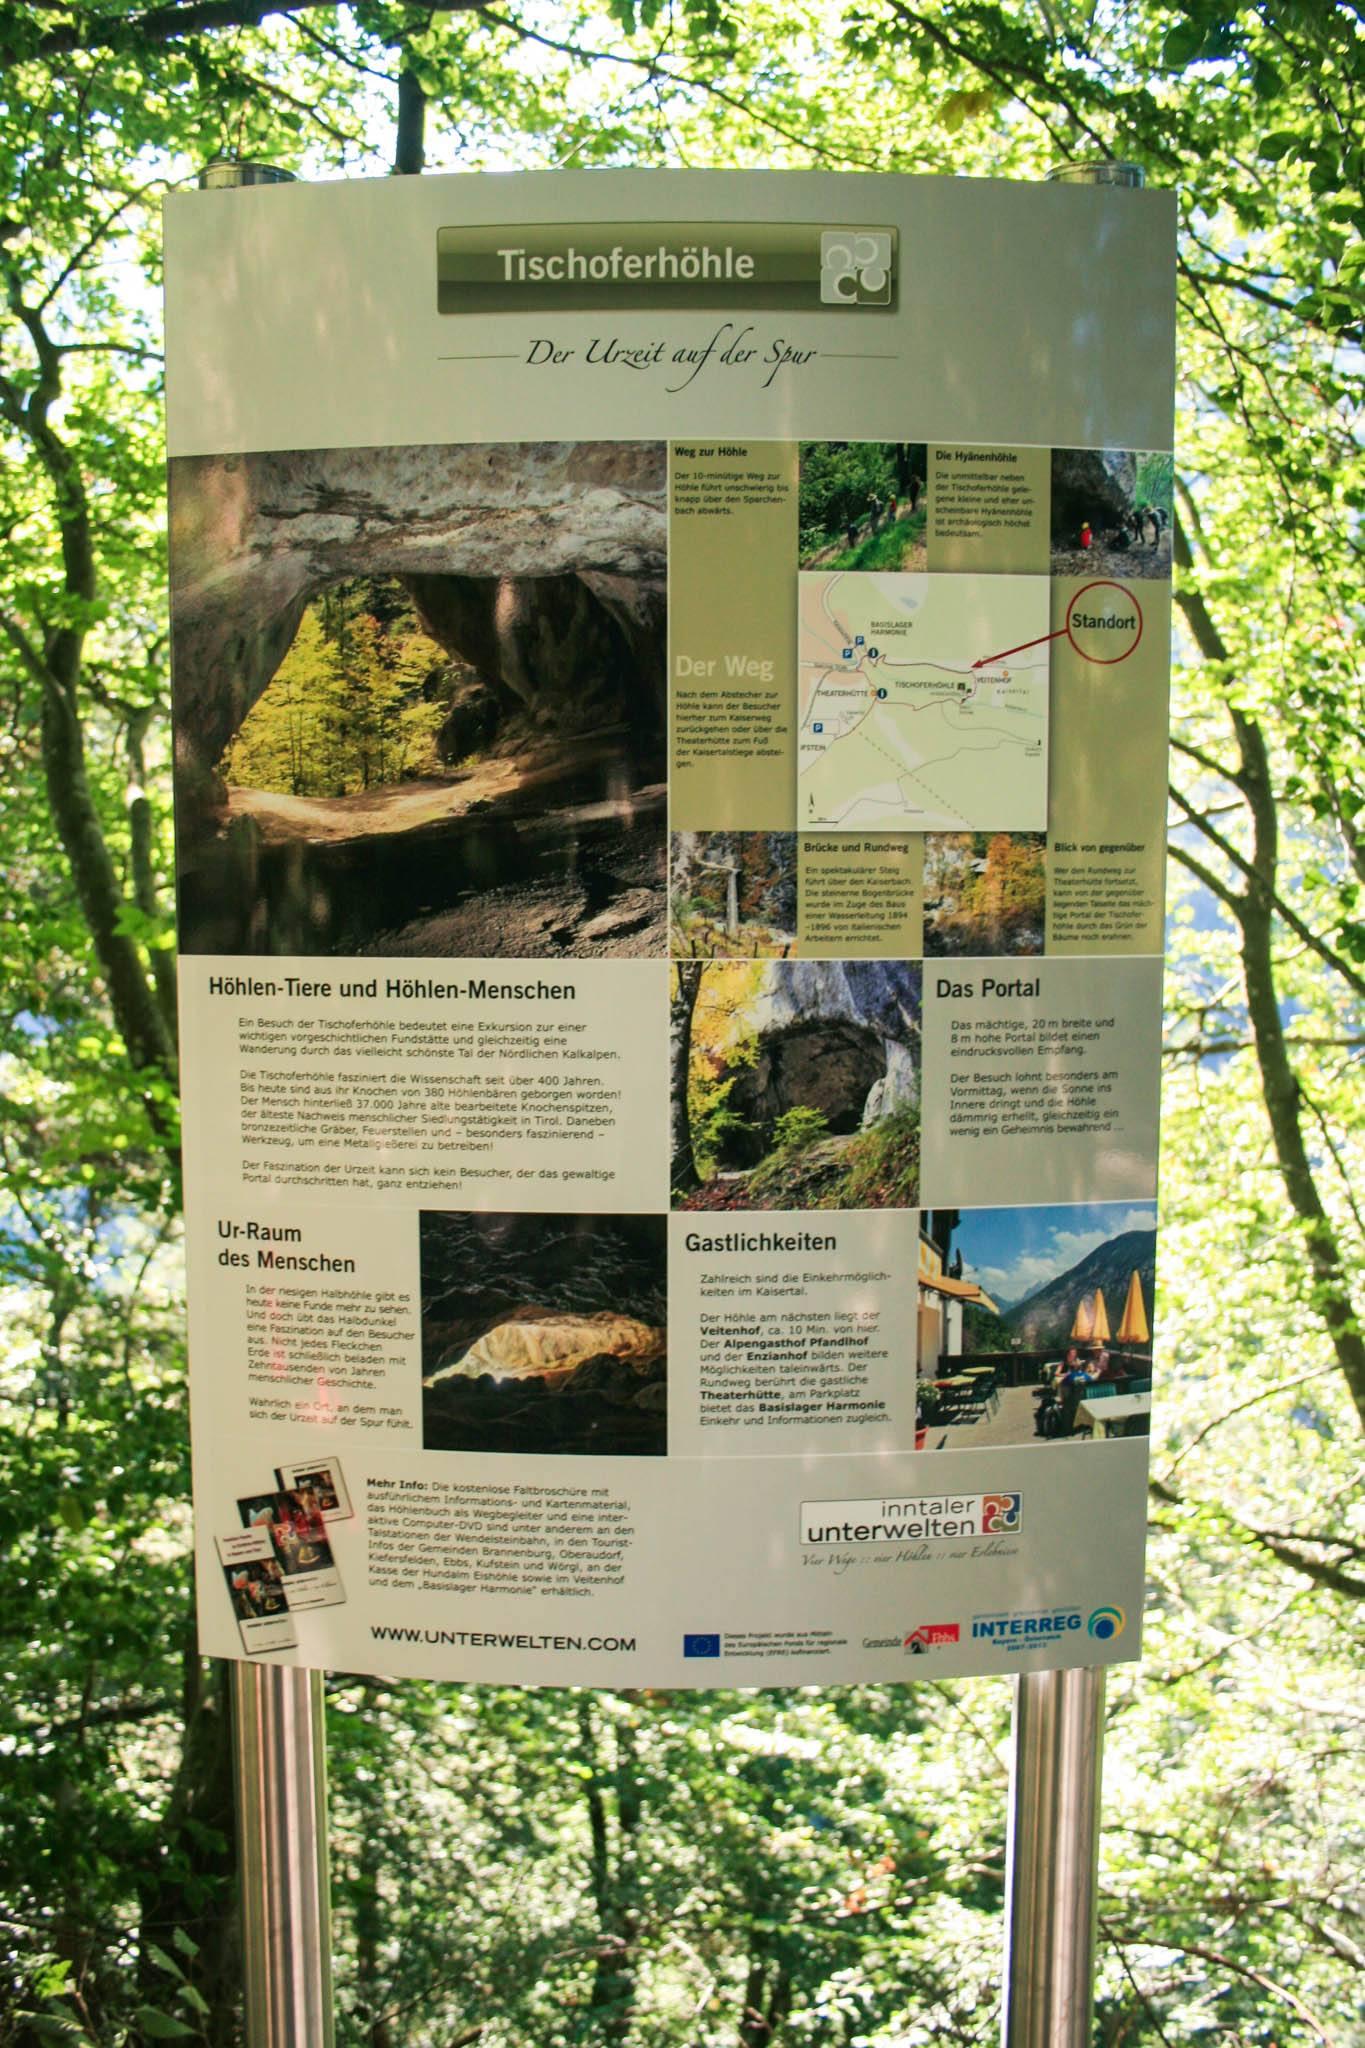 Infotafel zur Tischoferhöhle am Kaisertal-Wanderweg